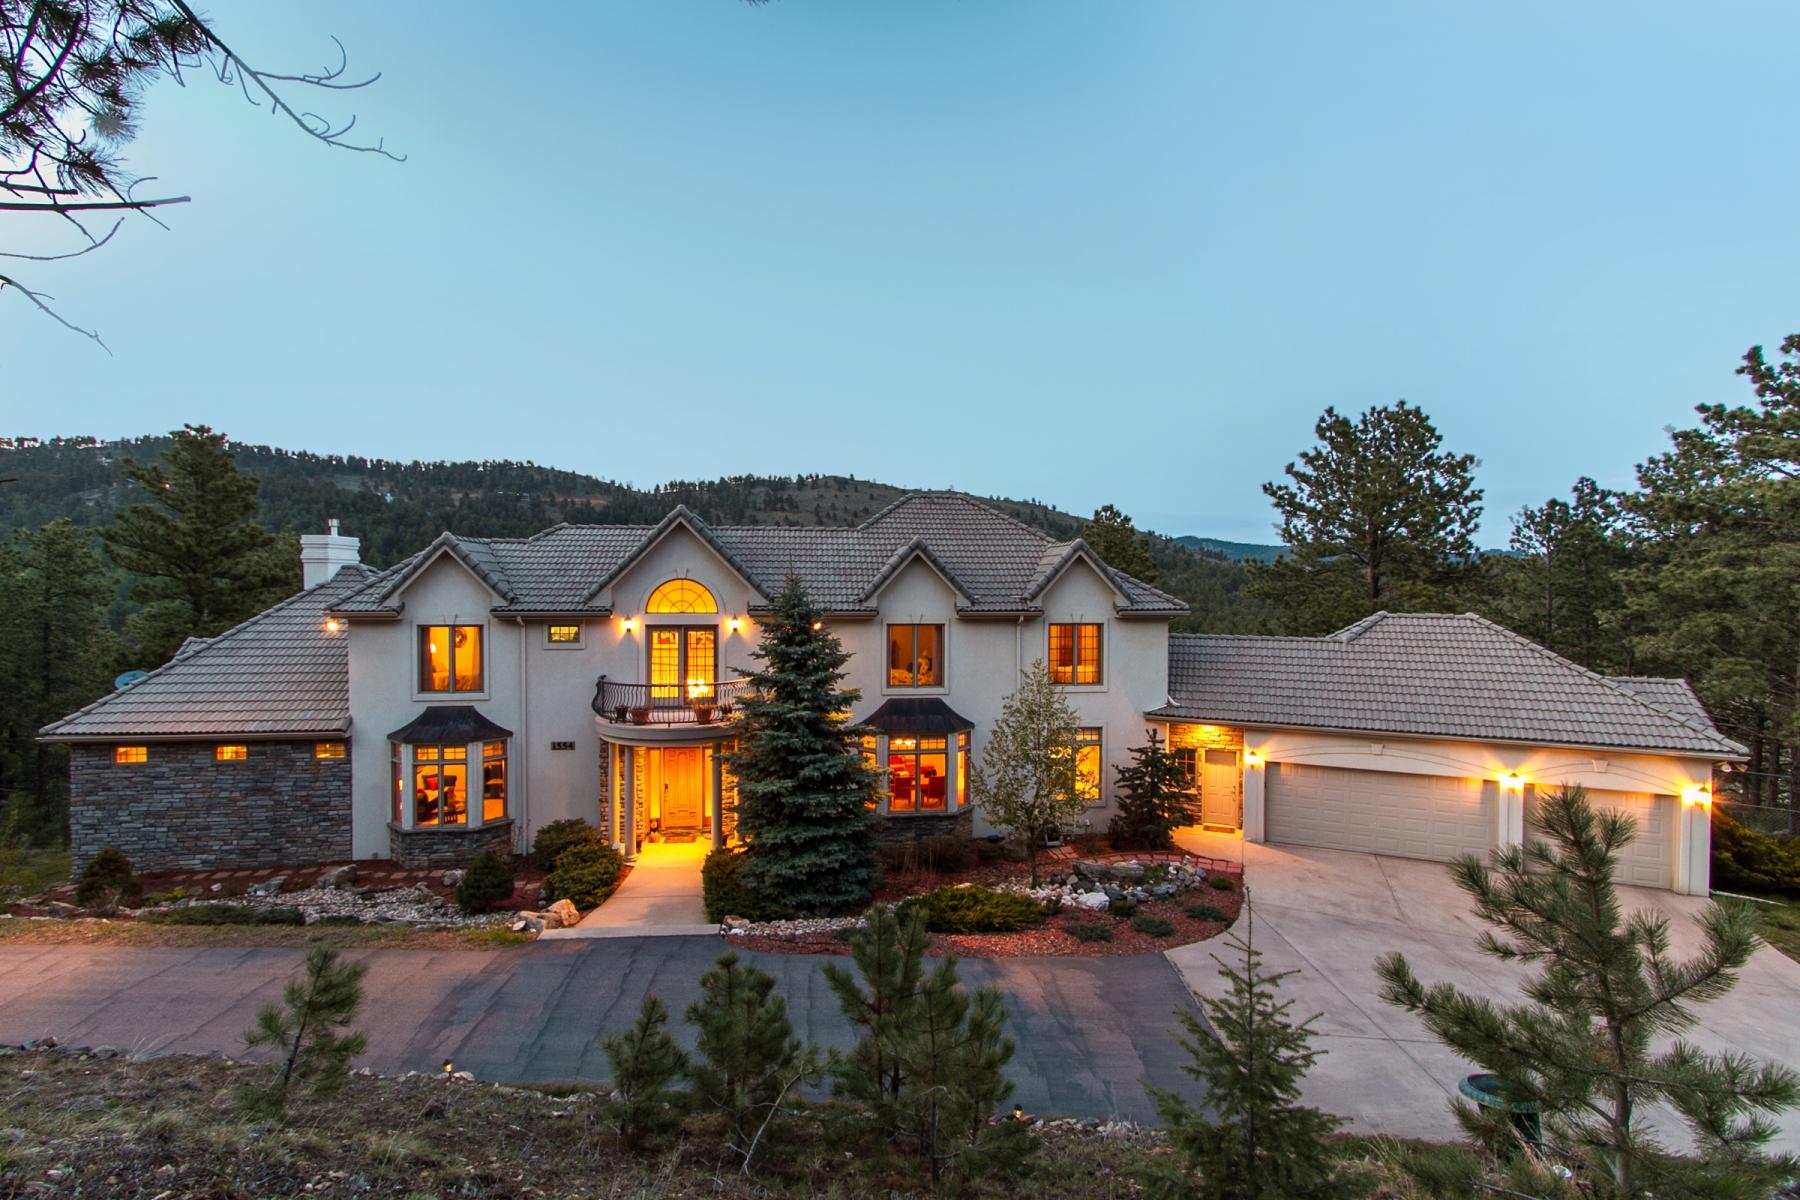 独户住宅 为 销售 在 a foothills lifestyle has never been so convenient 1554 Pinedale Ranch Circle Evergreen, 科罗拉多州 80439 美国